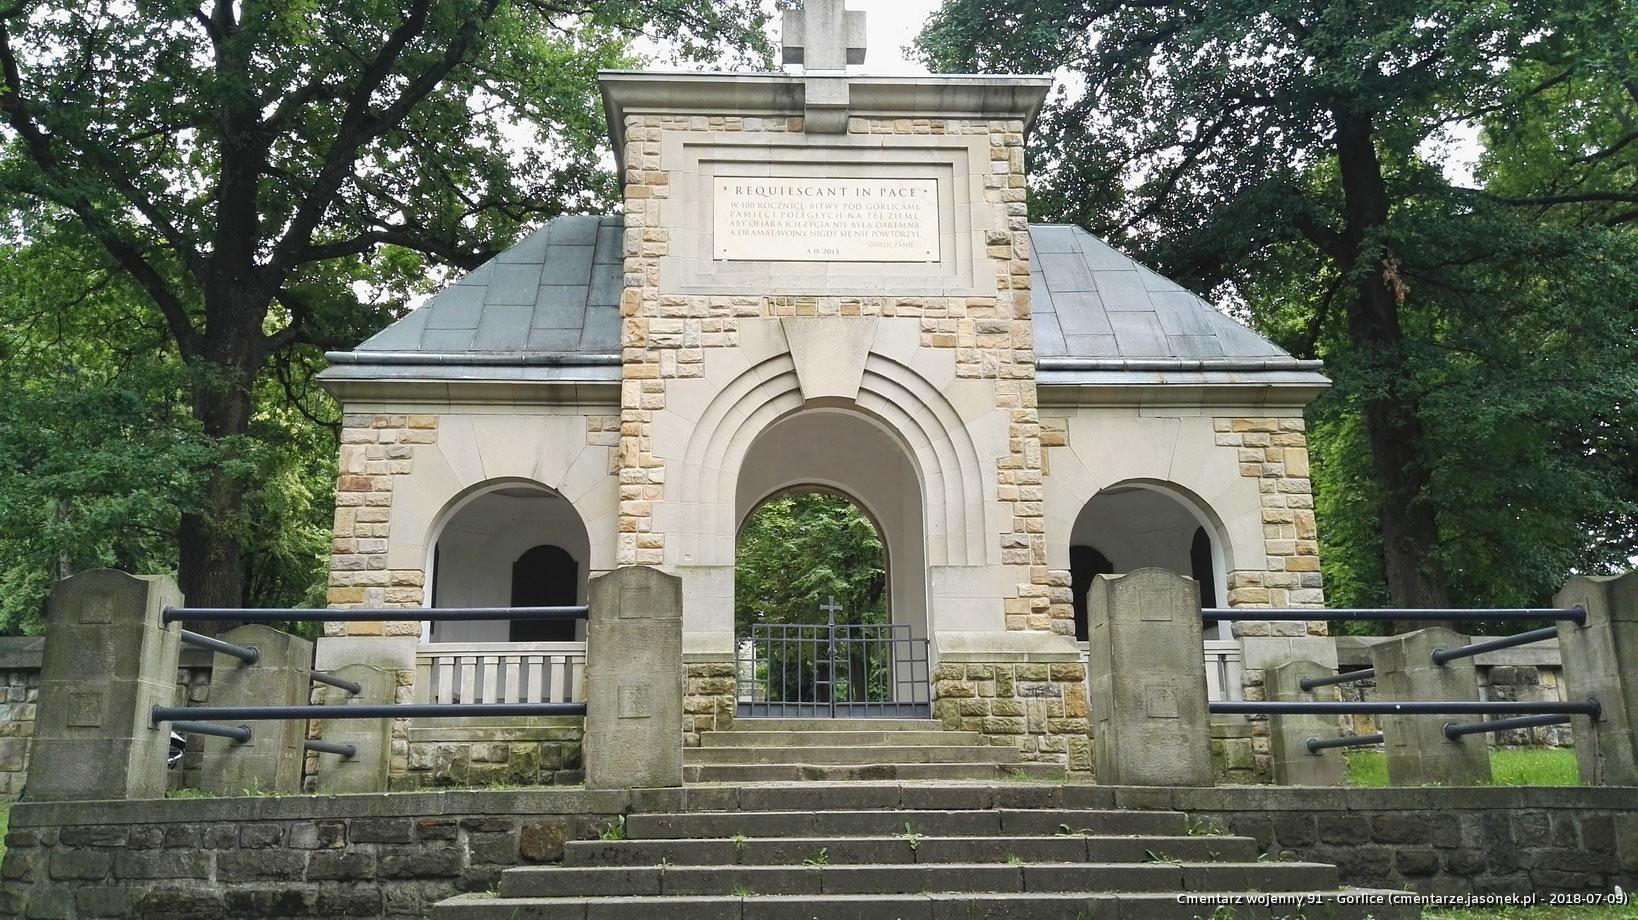 Cmentarz wojenny 91 - Gorlice